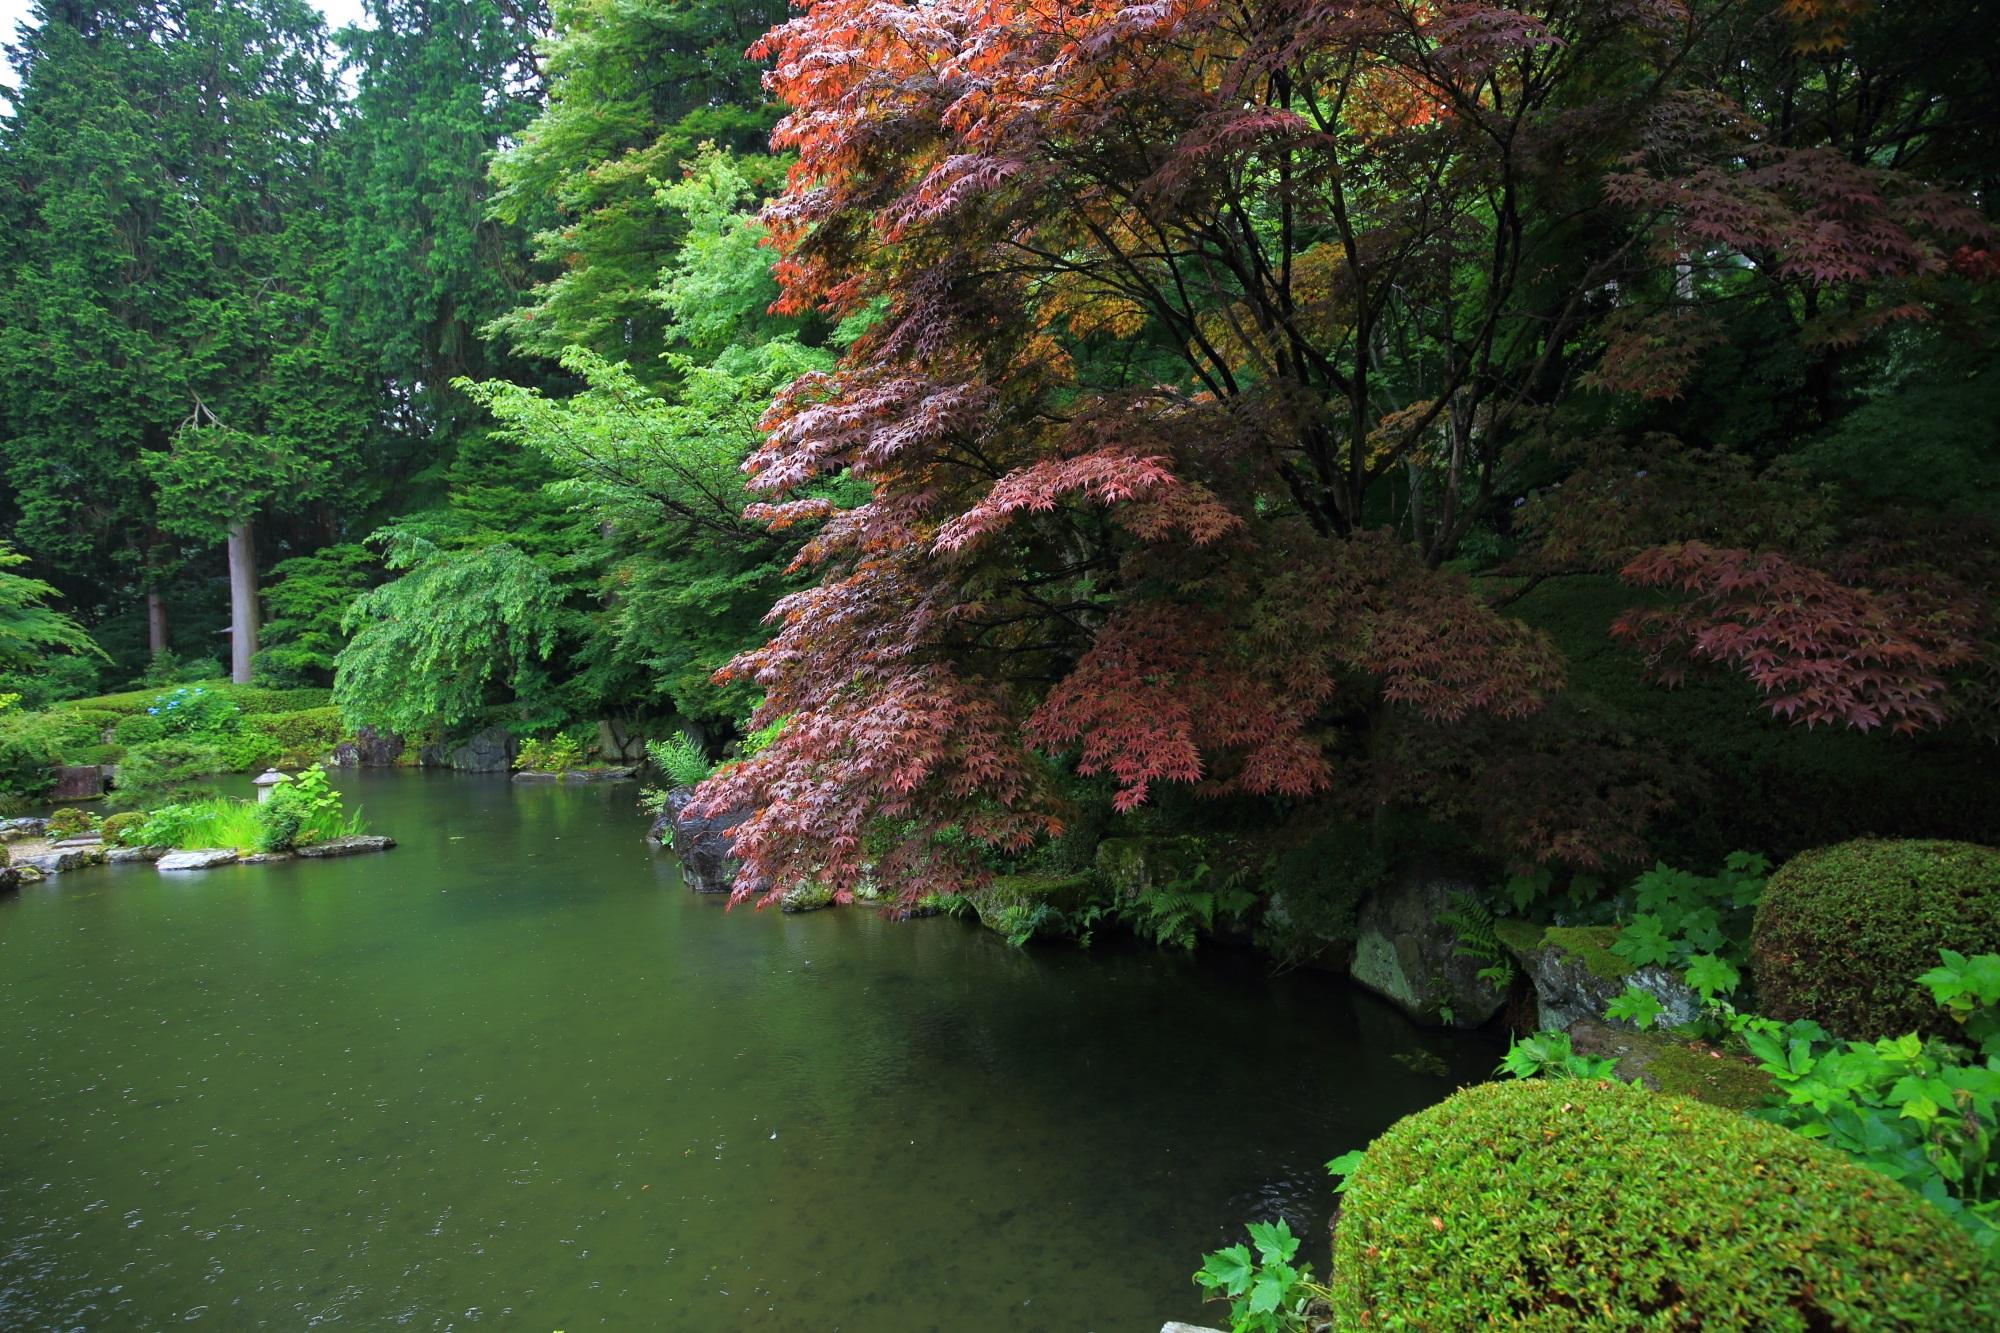 善峯寺の蓮華寿院旧跡庭の溢れるような綺麗なもみじ